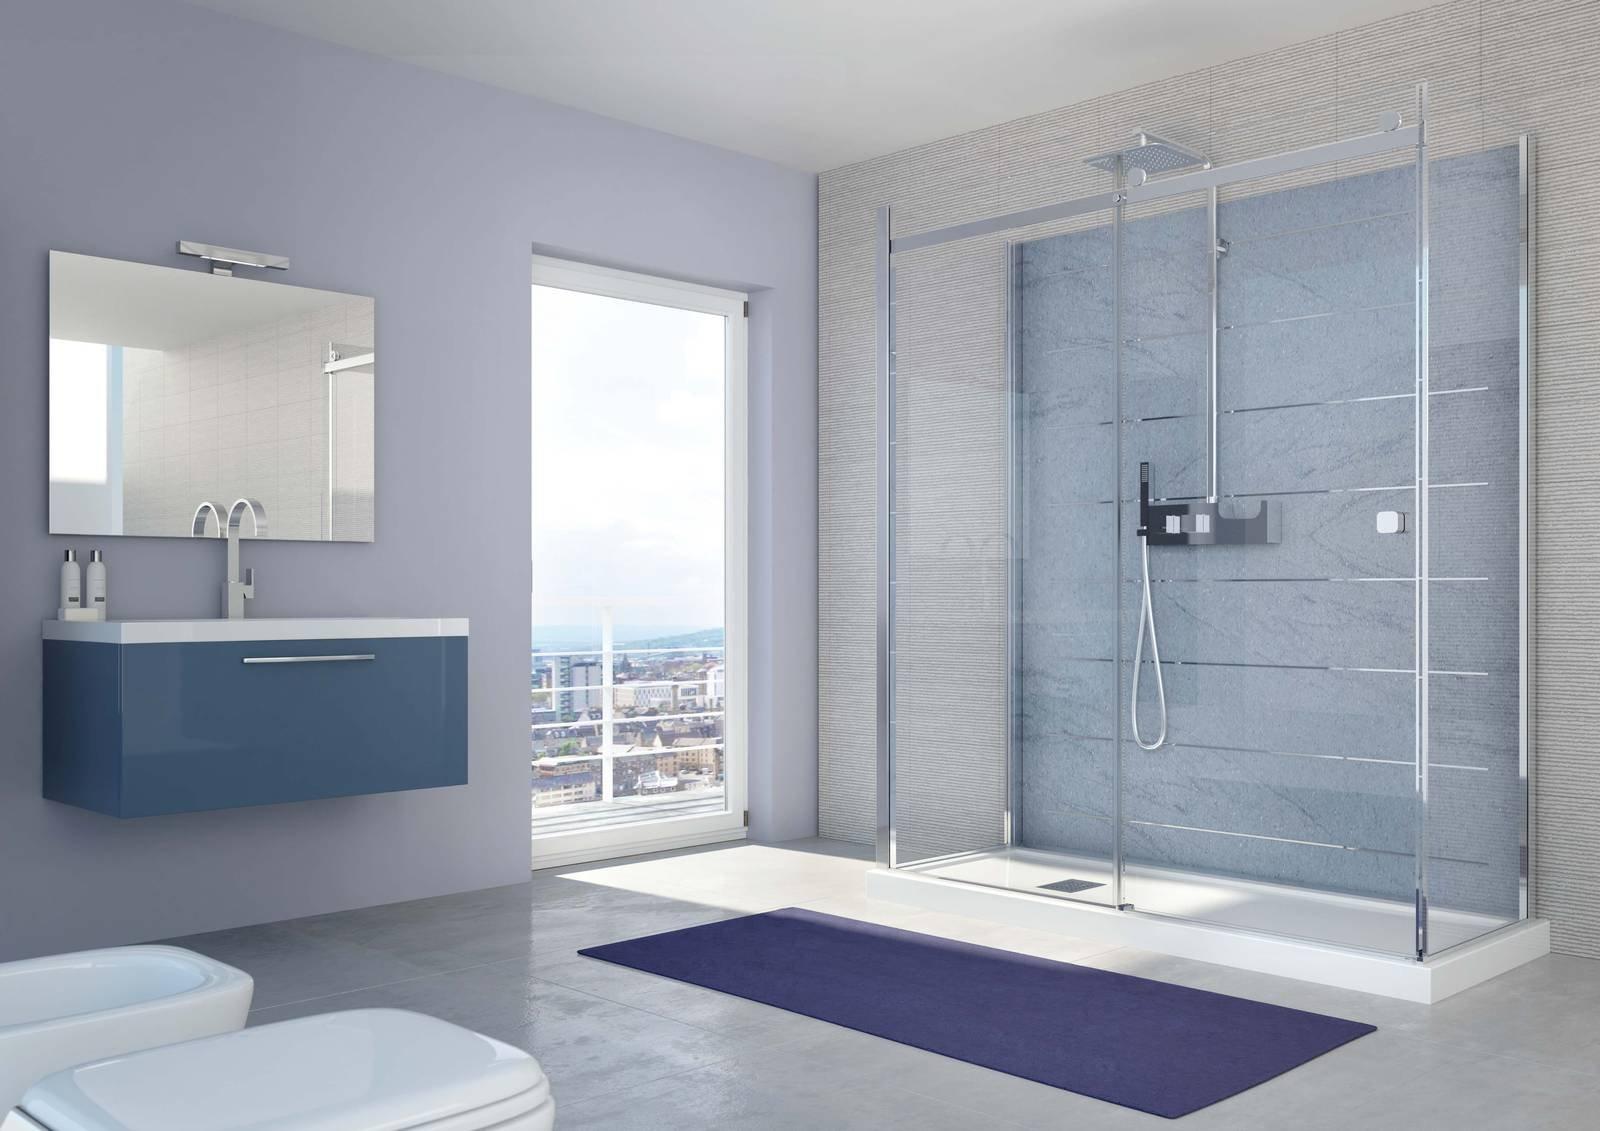 Vasca Da Bagno Wedi : Ristrutturare il bagno in poco tempo cose di casa